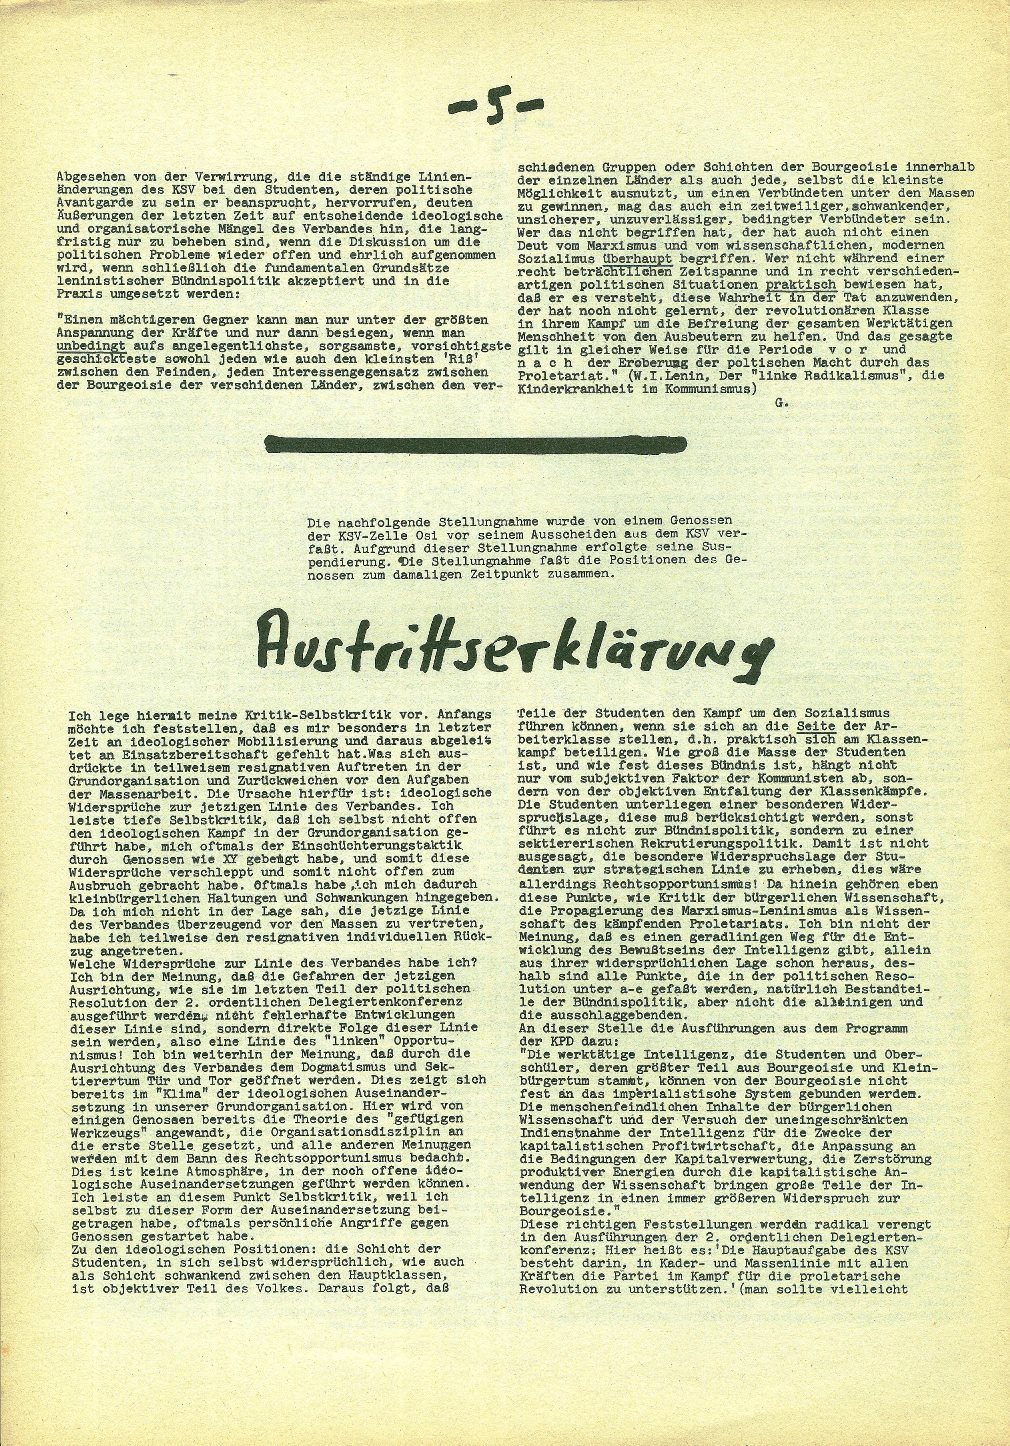 Berlin_Sozialistisches_Plenum005